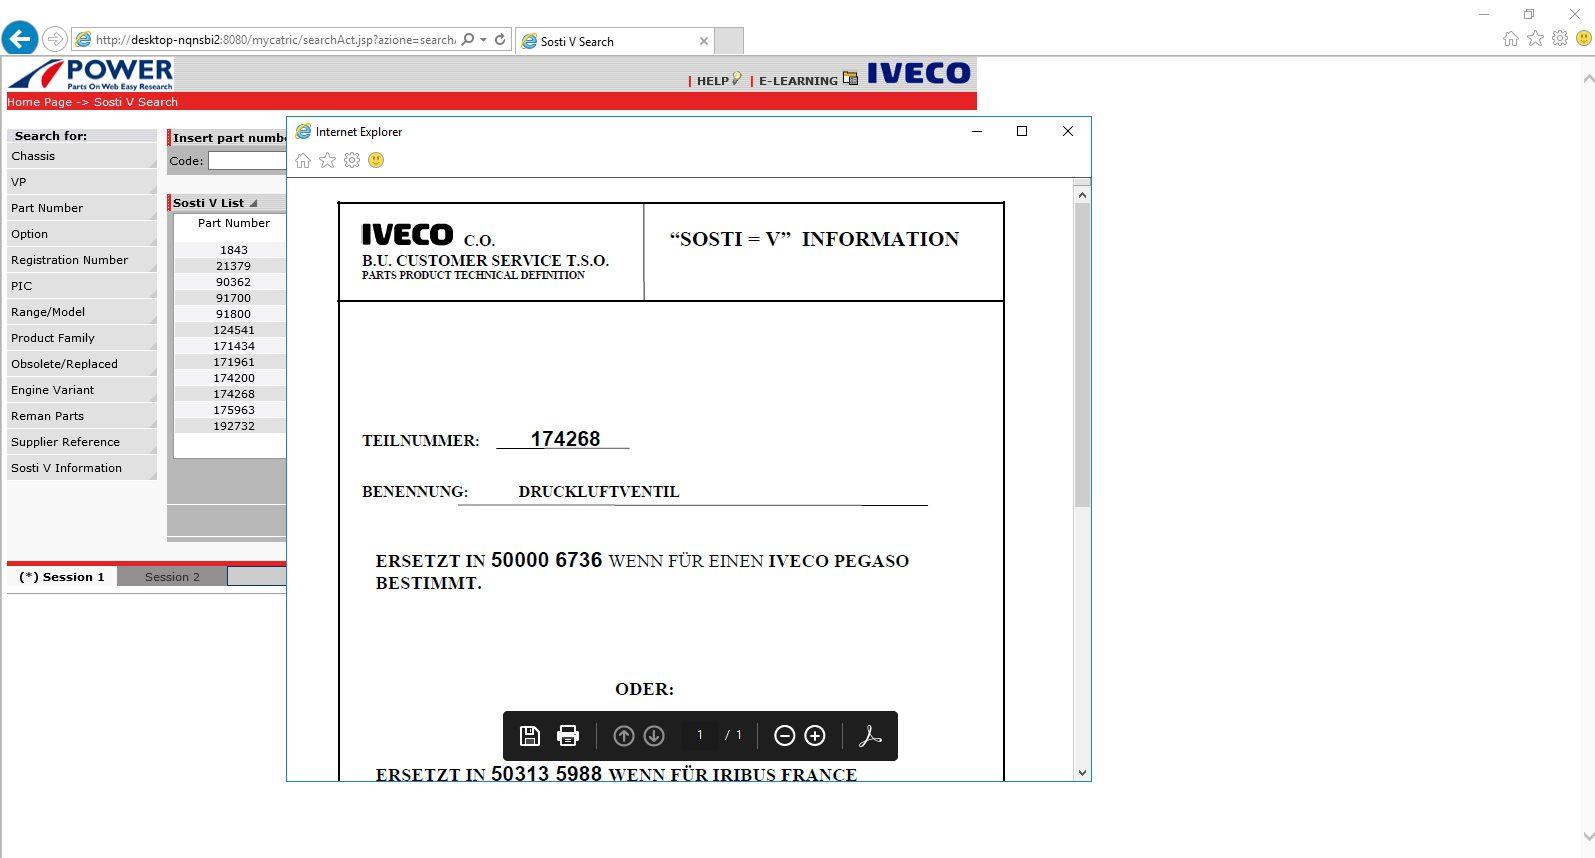 Iveco_Power_Trucks_Buses_Q1_012020_Full_Instruction_4